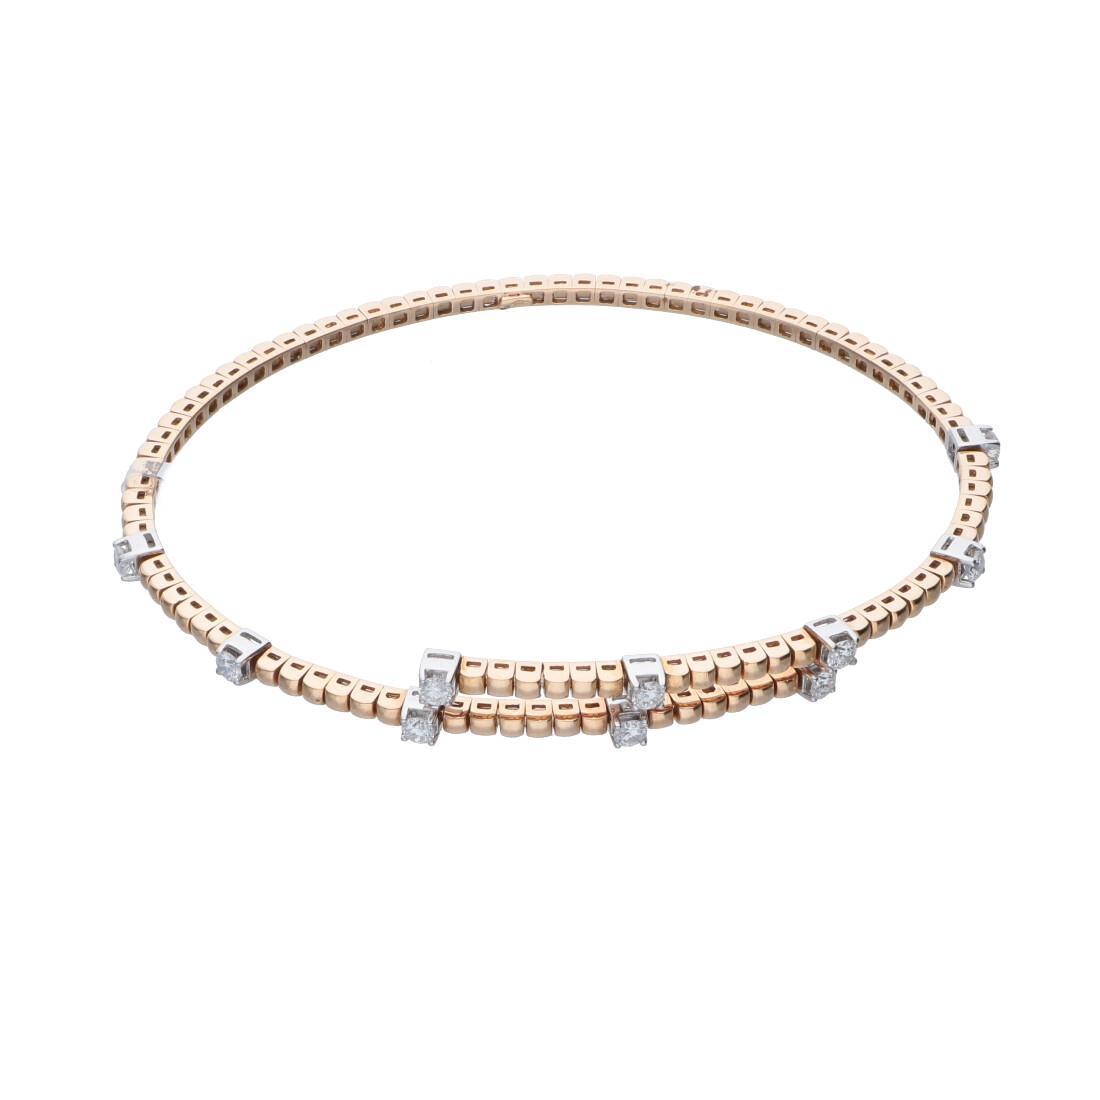 Bracciale in oro rosa e bianco con diamanti - ALFIERI ST JOHN